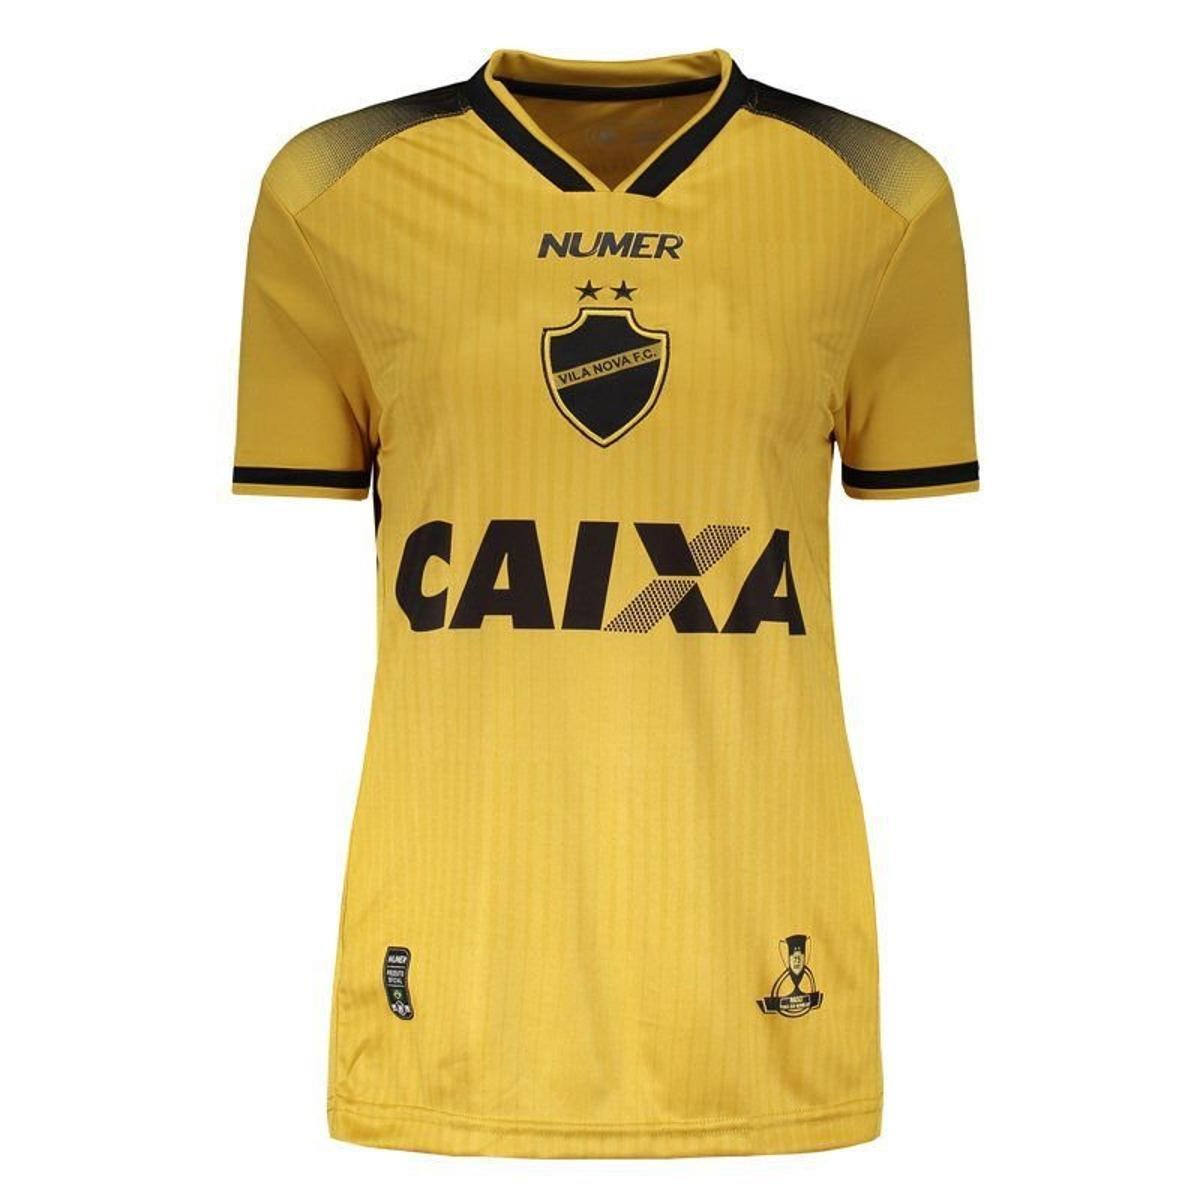 Camisa Numer Vila Nova III 2018 Feminina - Amarelo - Compre Agora ... 7e28a656fdf